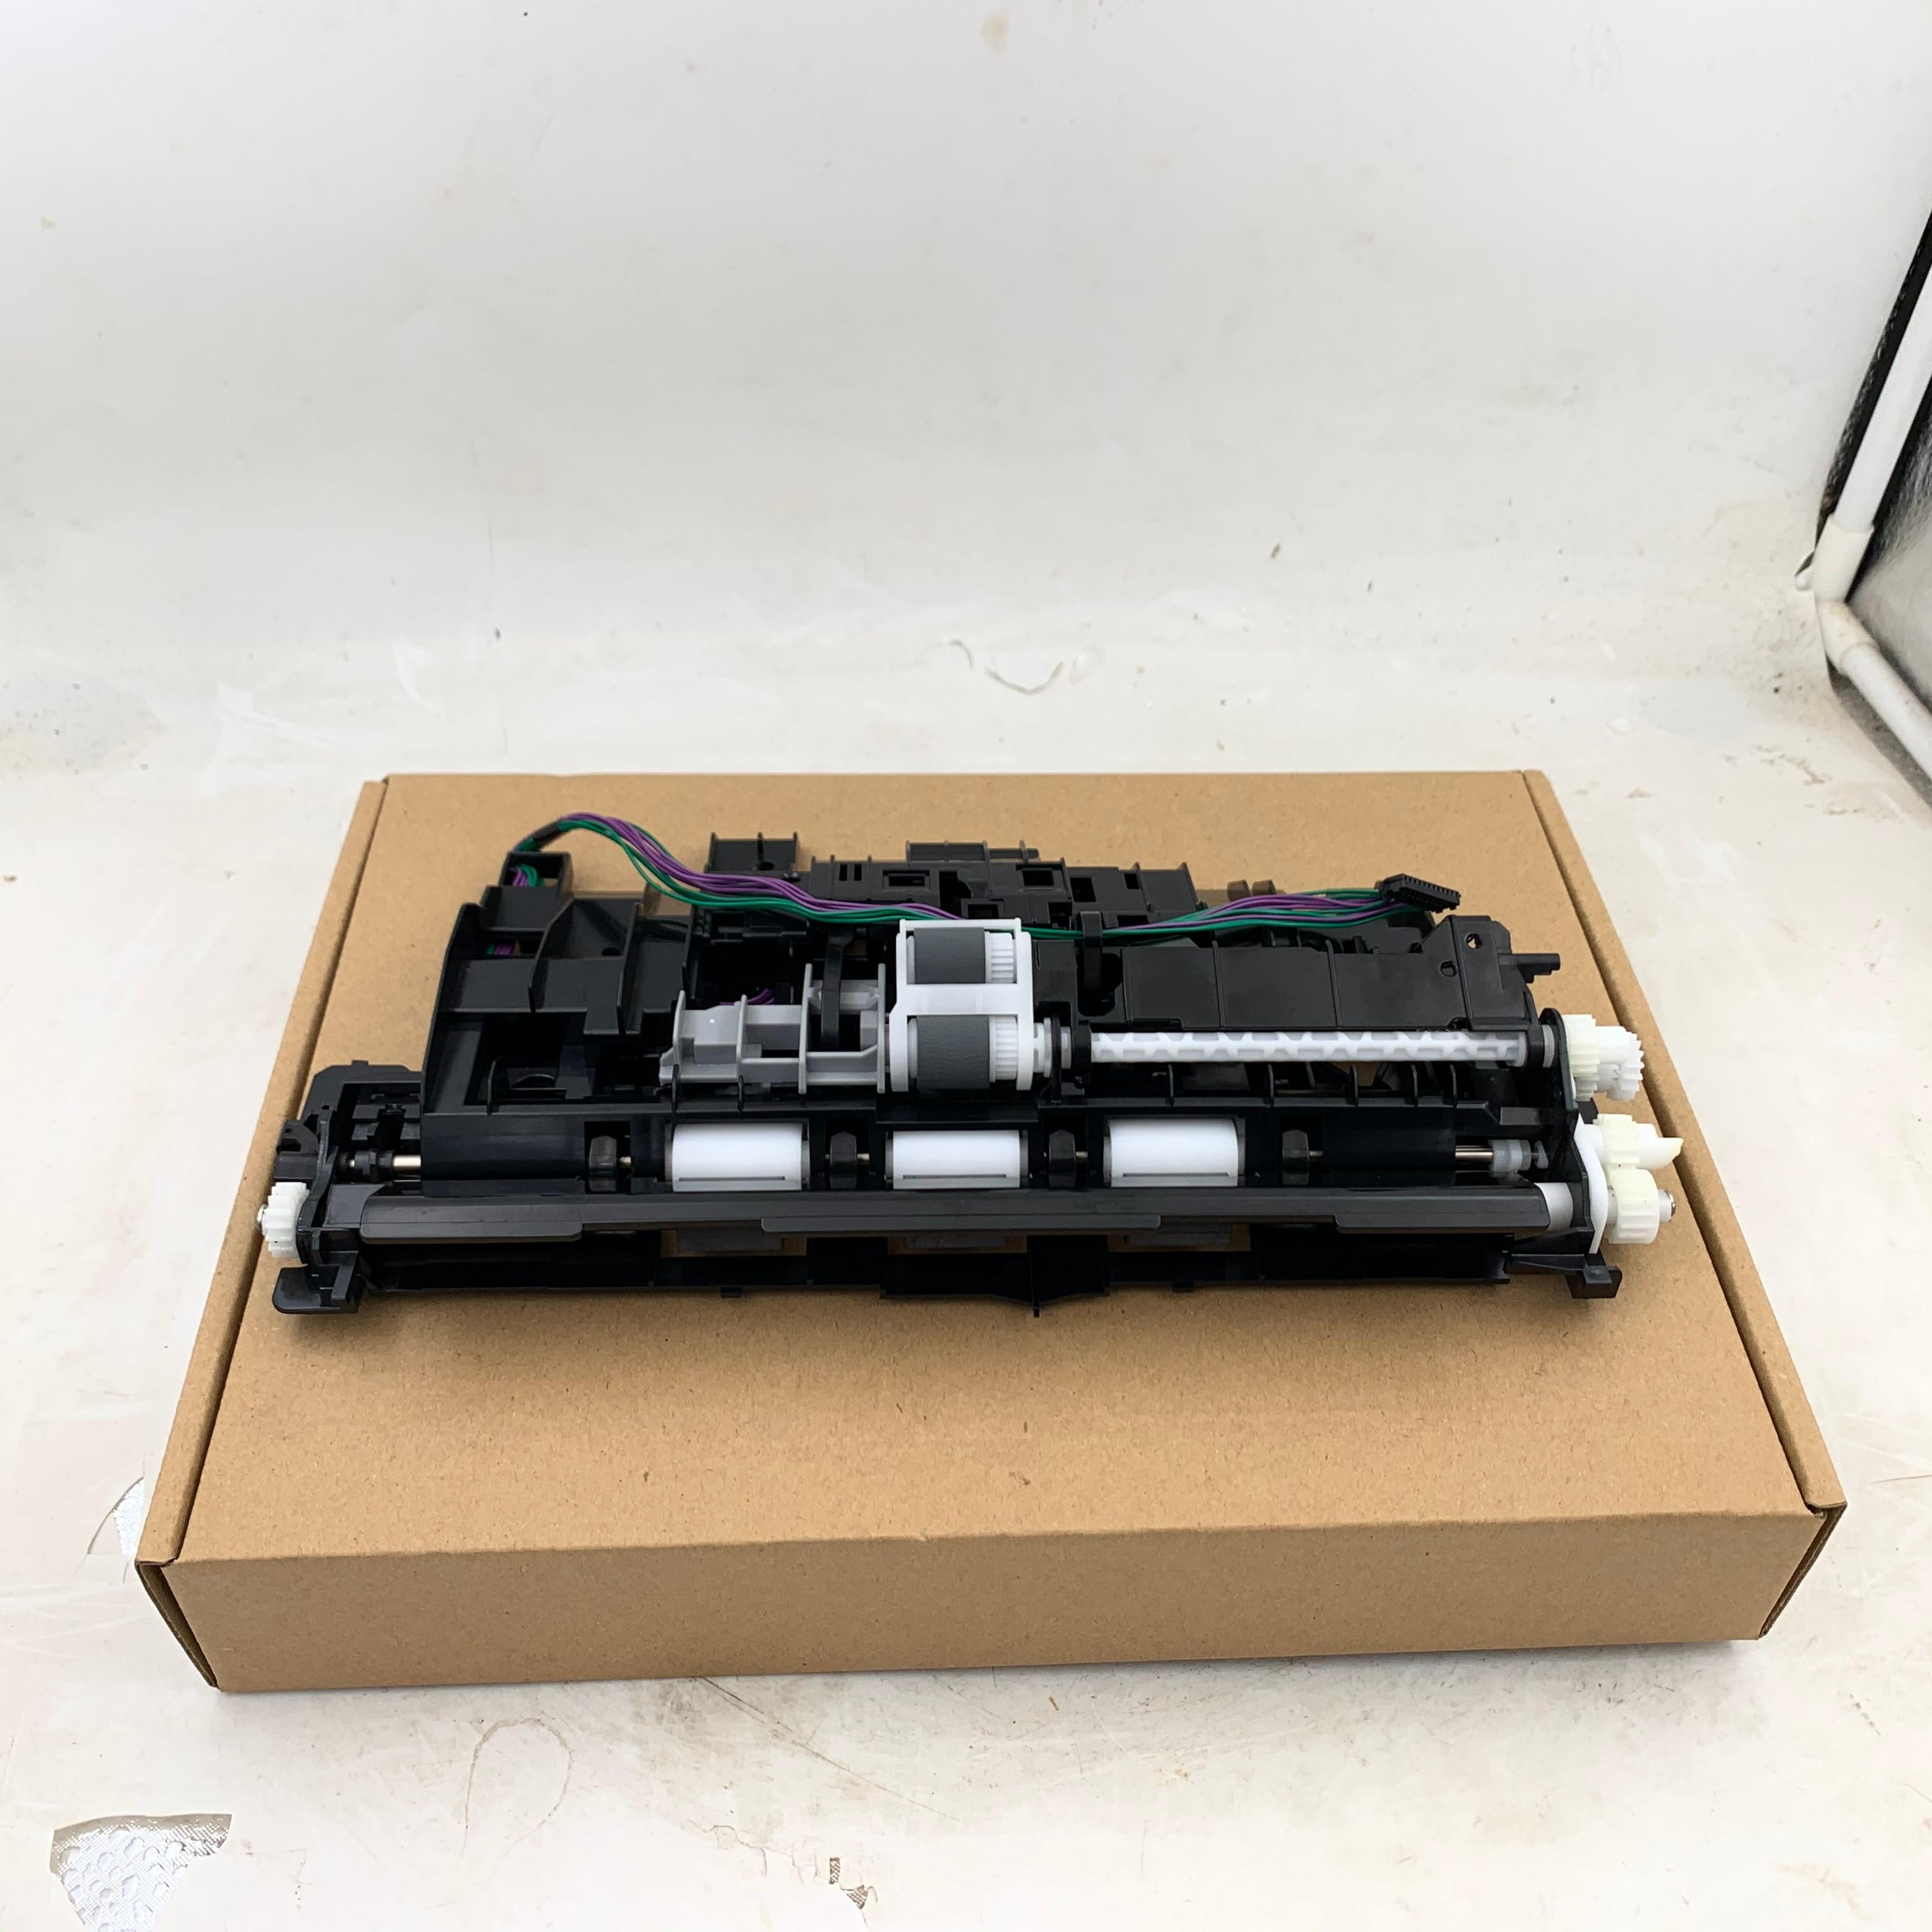 ورقة لاقط الأسطوانة الجمعية ل HP اللون ليزر جيت برو M154 M254 M180 M181 M280 M281